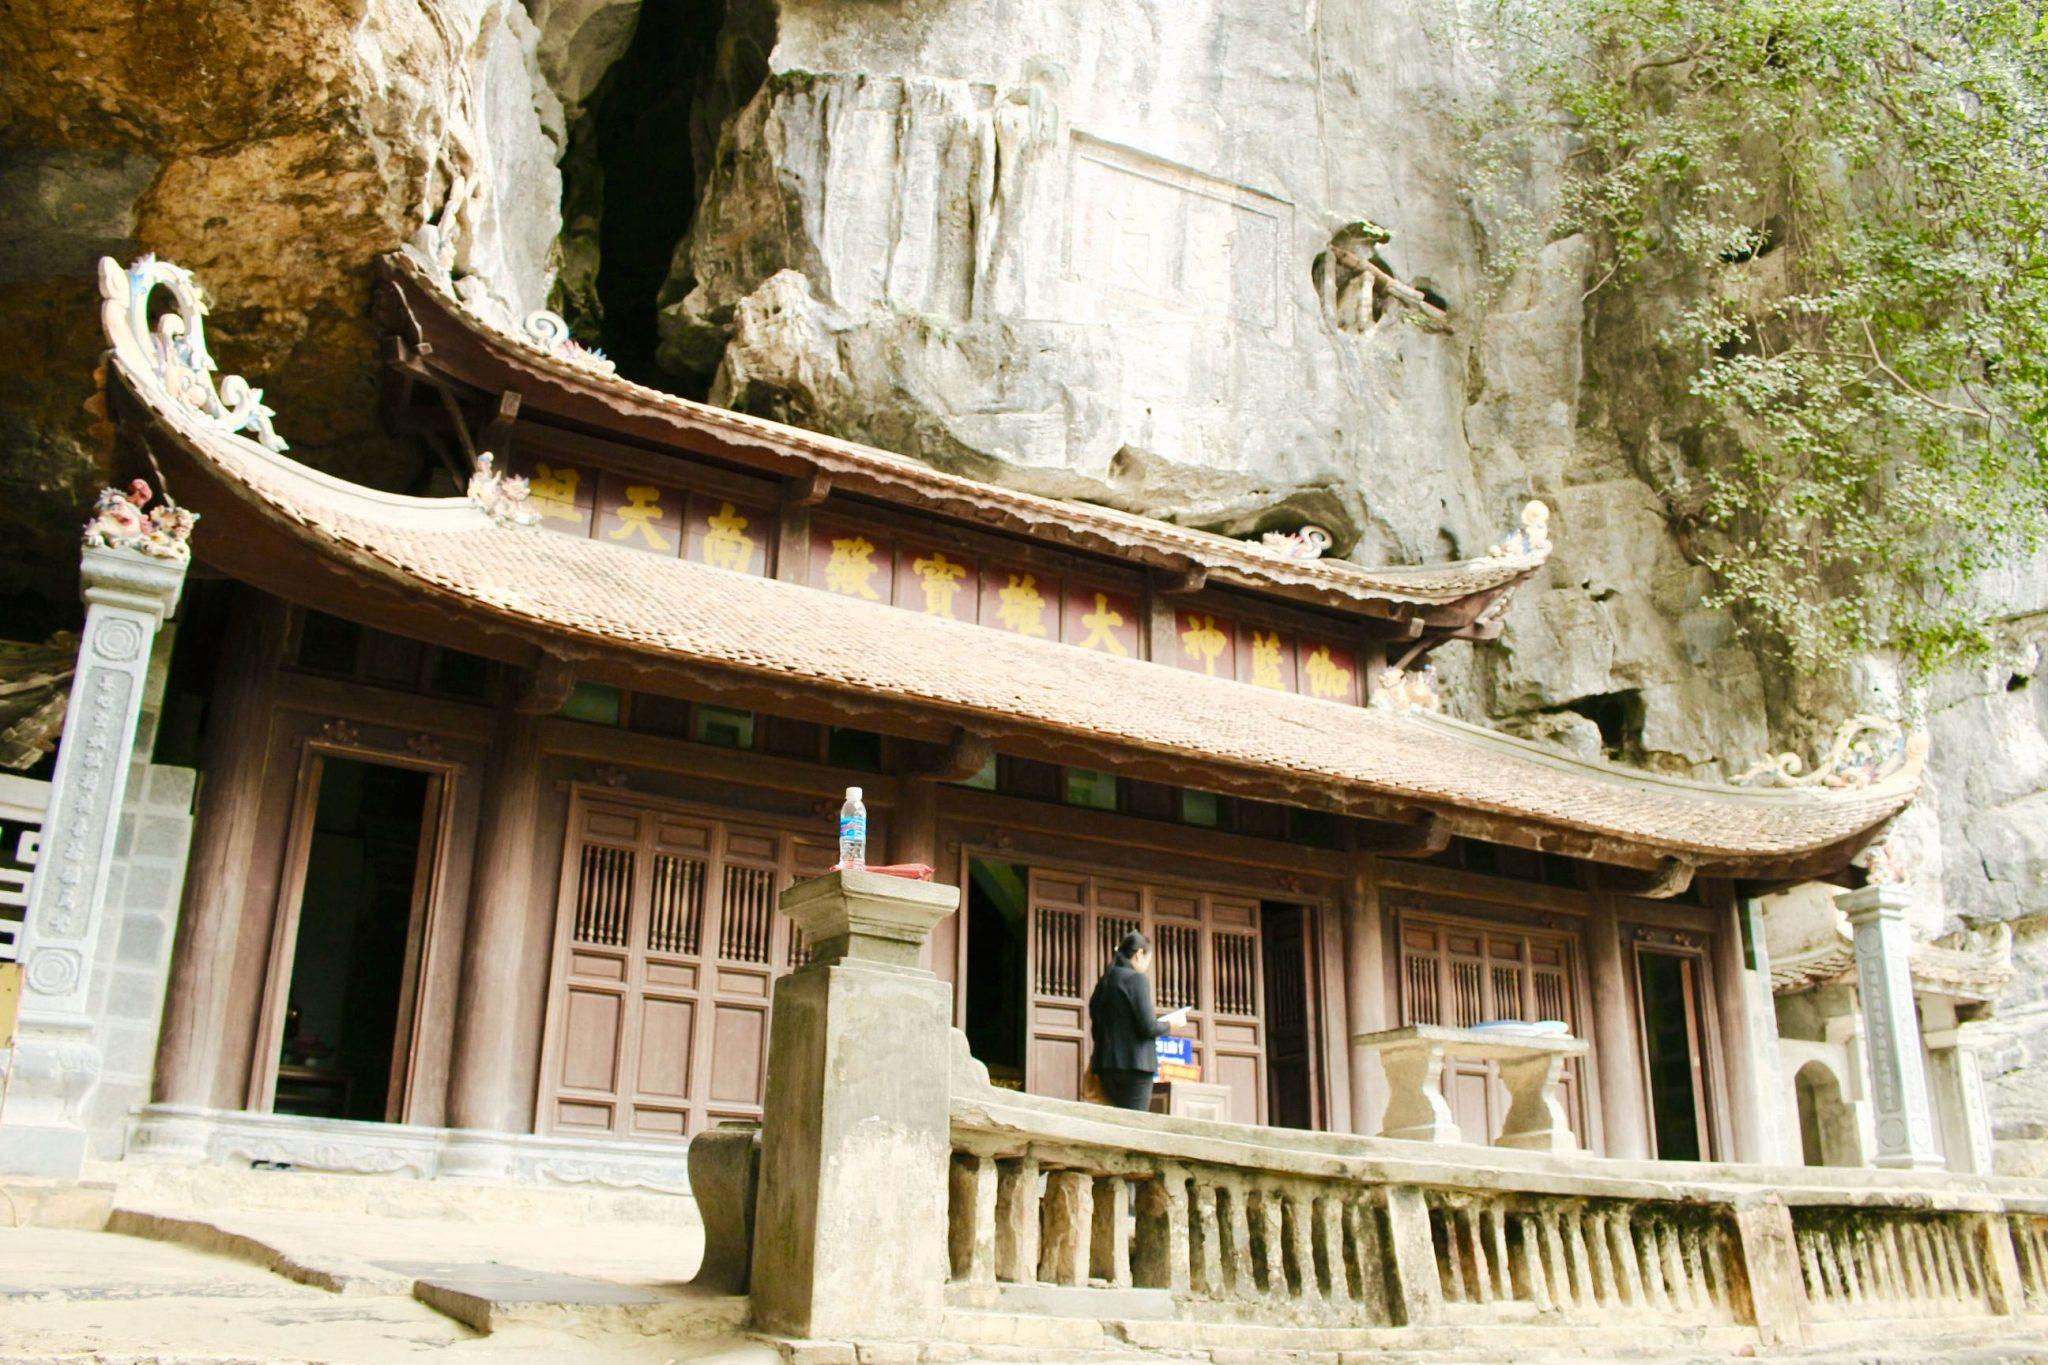 du lịch Ninh Bình thăm chùa Thượng ở Bích Động